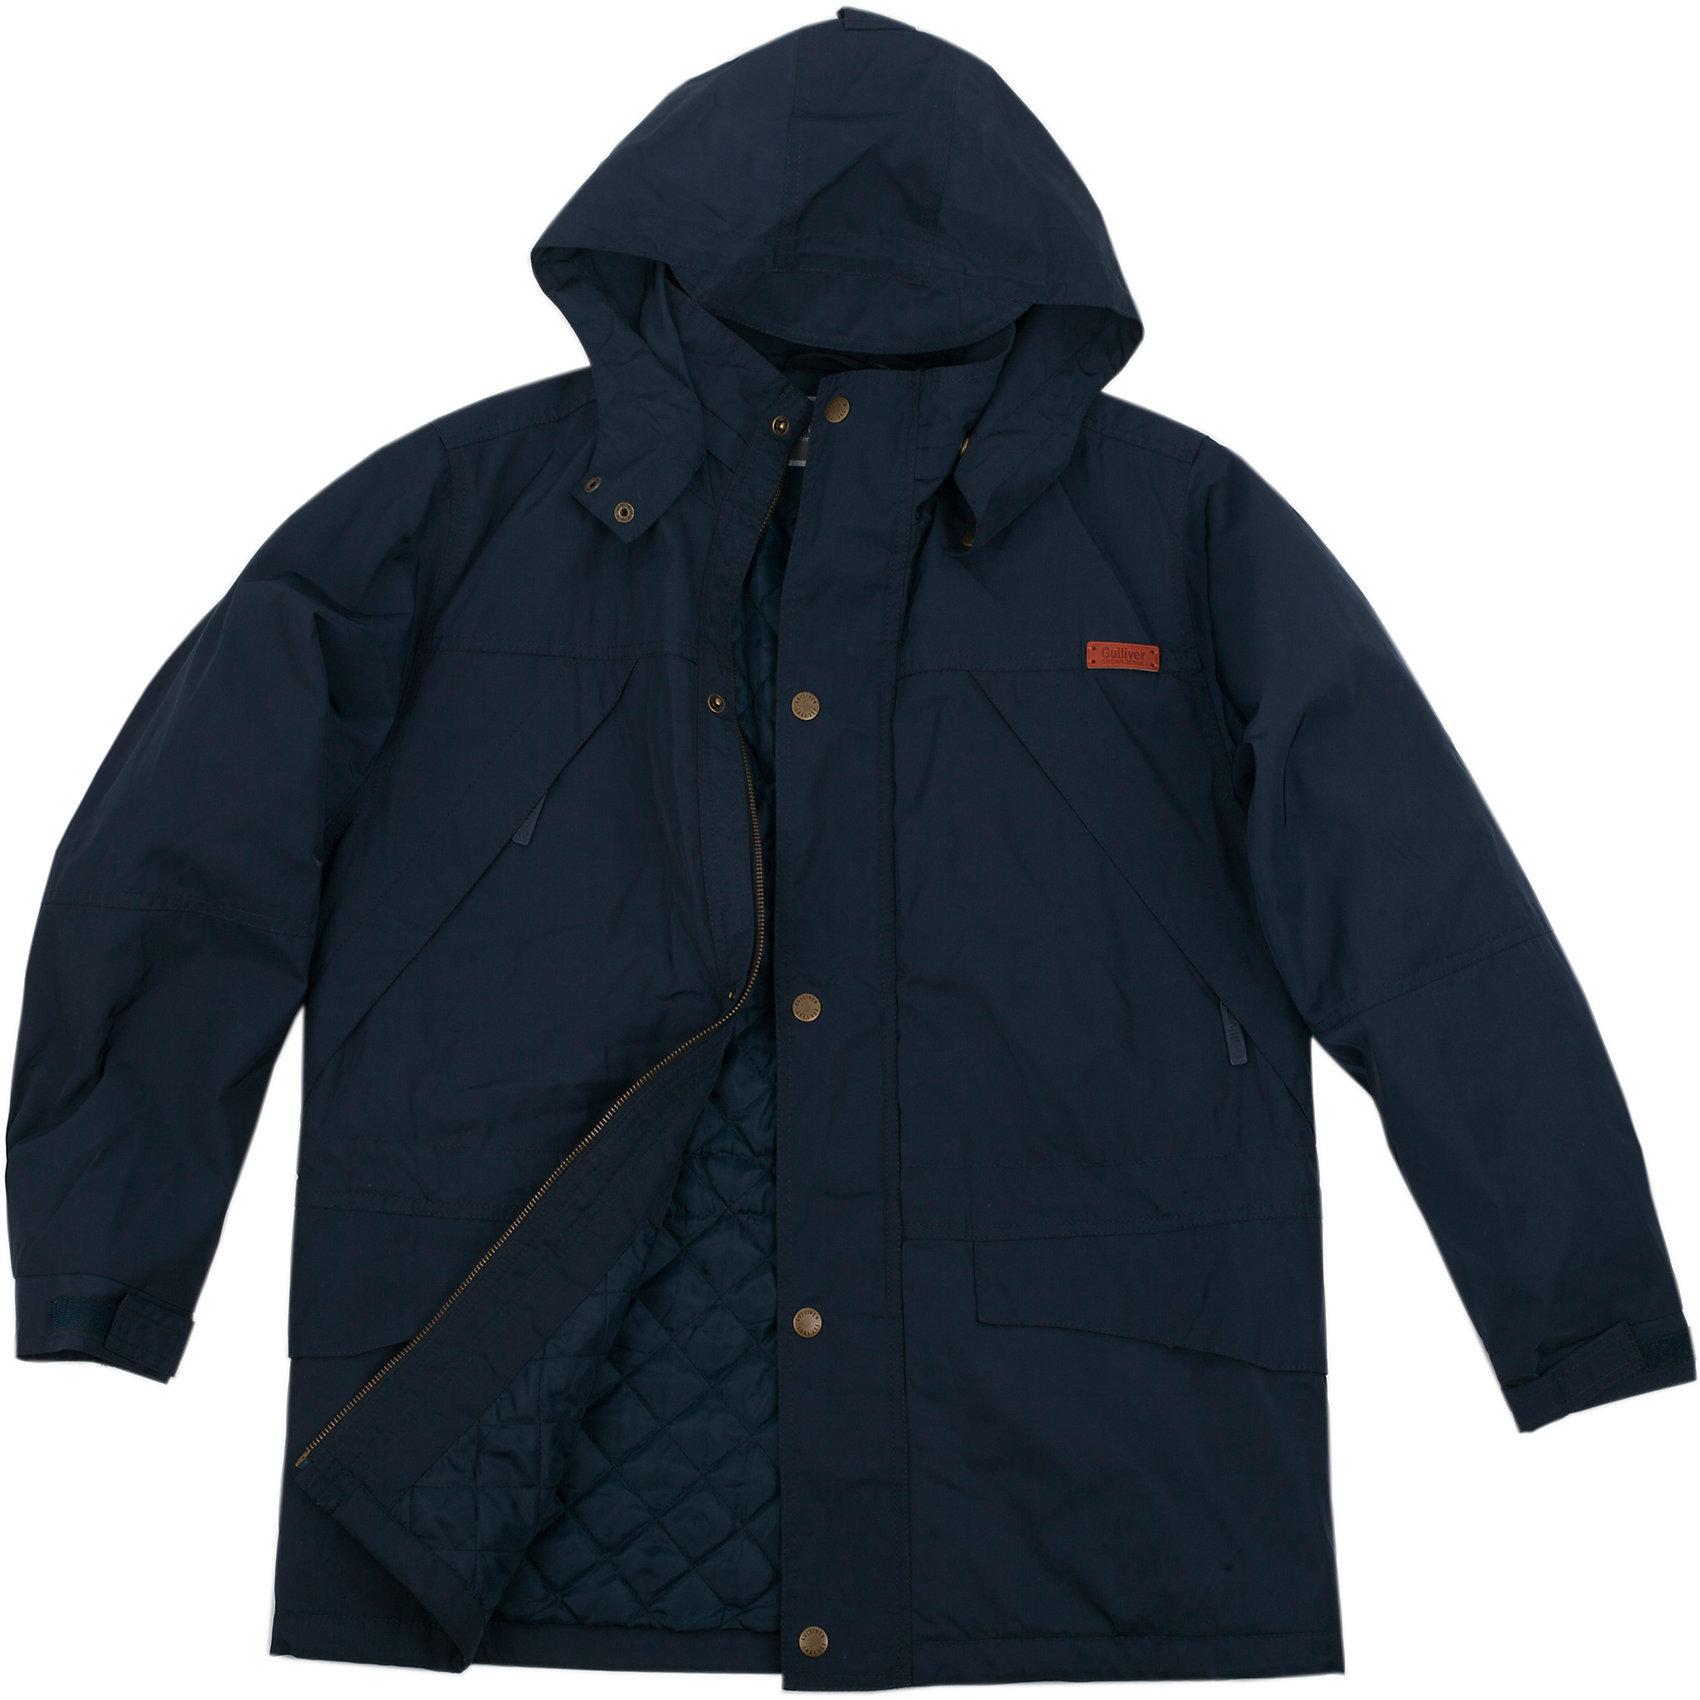 Куртка для мальчика GulliverМодная утепленная куртка для мальчика - изделие совершенно необходимое! Неустойчивая мартовская погода обязывает одеться не менее основательно, чем зимой, но весеннее настроение требует быть новым, стильным и современным! Модная синяя куртка - именно то, что вам нужно. Множество функциональных карманов позволяют надежно хранить важные для подростка мелочи. Остегивающийся утепленный капюшон, ветрозащитная планка, внутренняя утяжка от продувания делают модель надежной, практичной и комфортной!<br>Состав:<br>верх: 100% полиэстер;  подкладка: 100% полиэстер; утеплитель: 100% полиэстер<br><br>Ширина мм: 356<br>Глубина мм: 10<br>Высота мм: 245<br>Вес г: 519<br>Цвет: синий<br>Возраст от месяцев: 120<br>Возраст до месяцев: 132<br>Пол: Мужской<br>Возраст: Детский<br>Размер: 146,158,152,164<br>SKU: 4535103